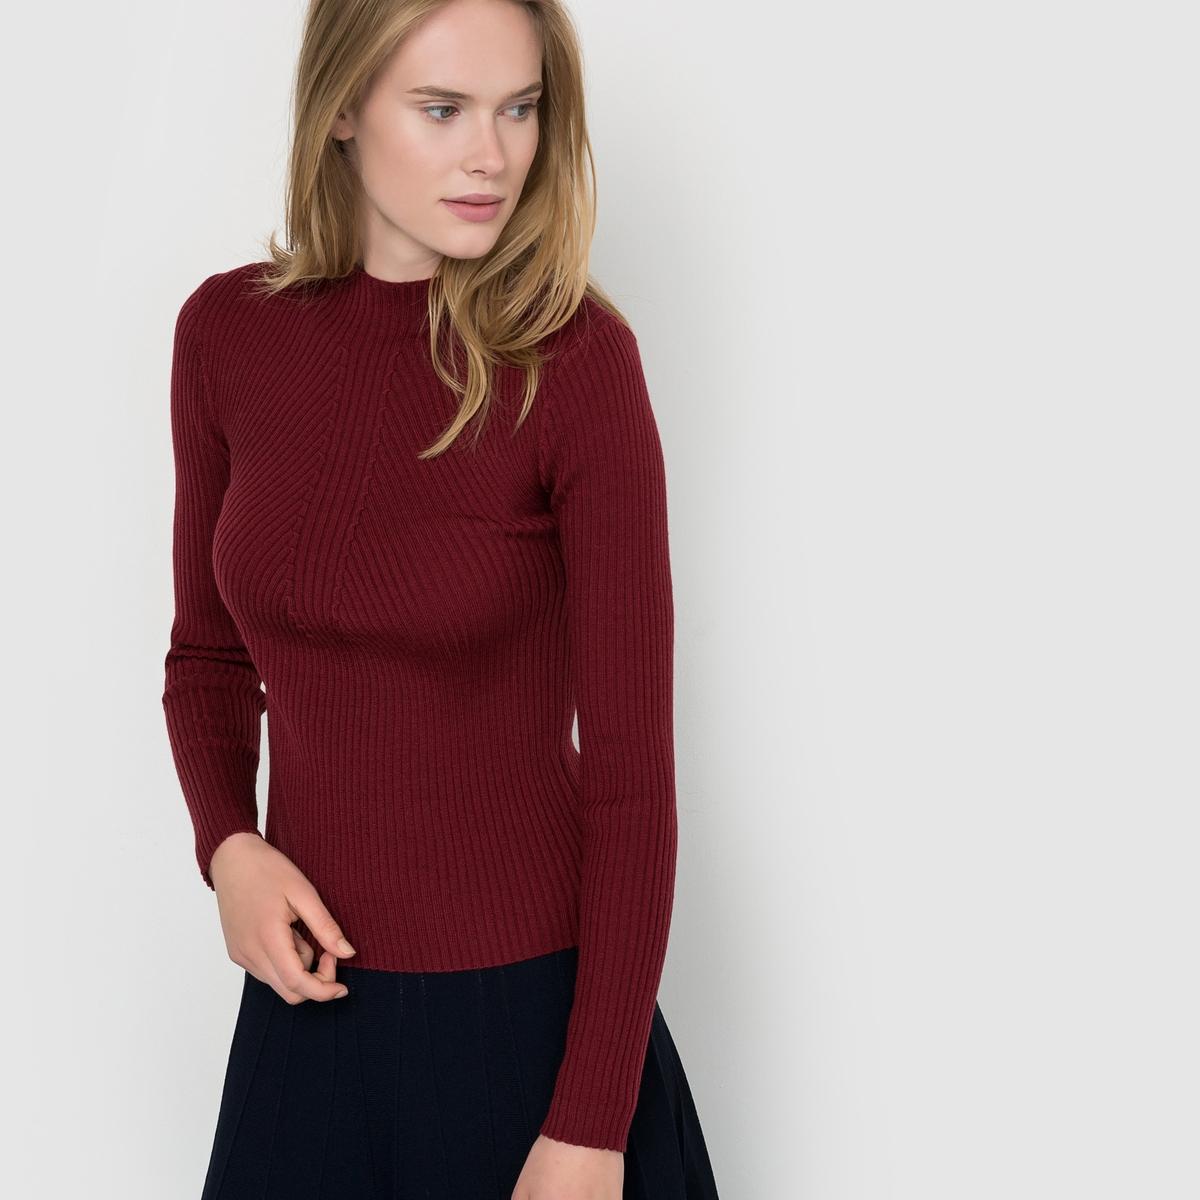 Пуловер Philom?neСостав и описаниеМатериал : 55% шерсти, 45% акрилаМарка : SuncooМодель : Philom?neУходСледуйте рекомендациям по уходу, указанным на ярлыке изделия<br><br>Цвет: бордовый<br>Размер: S